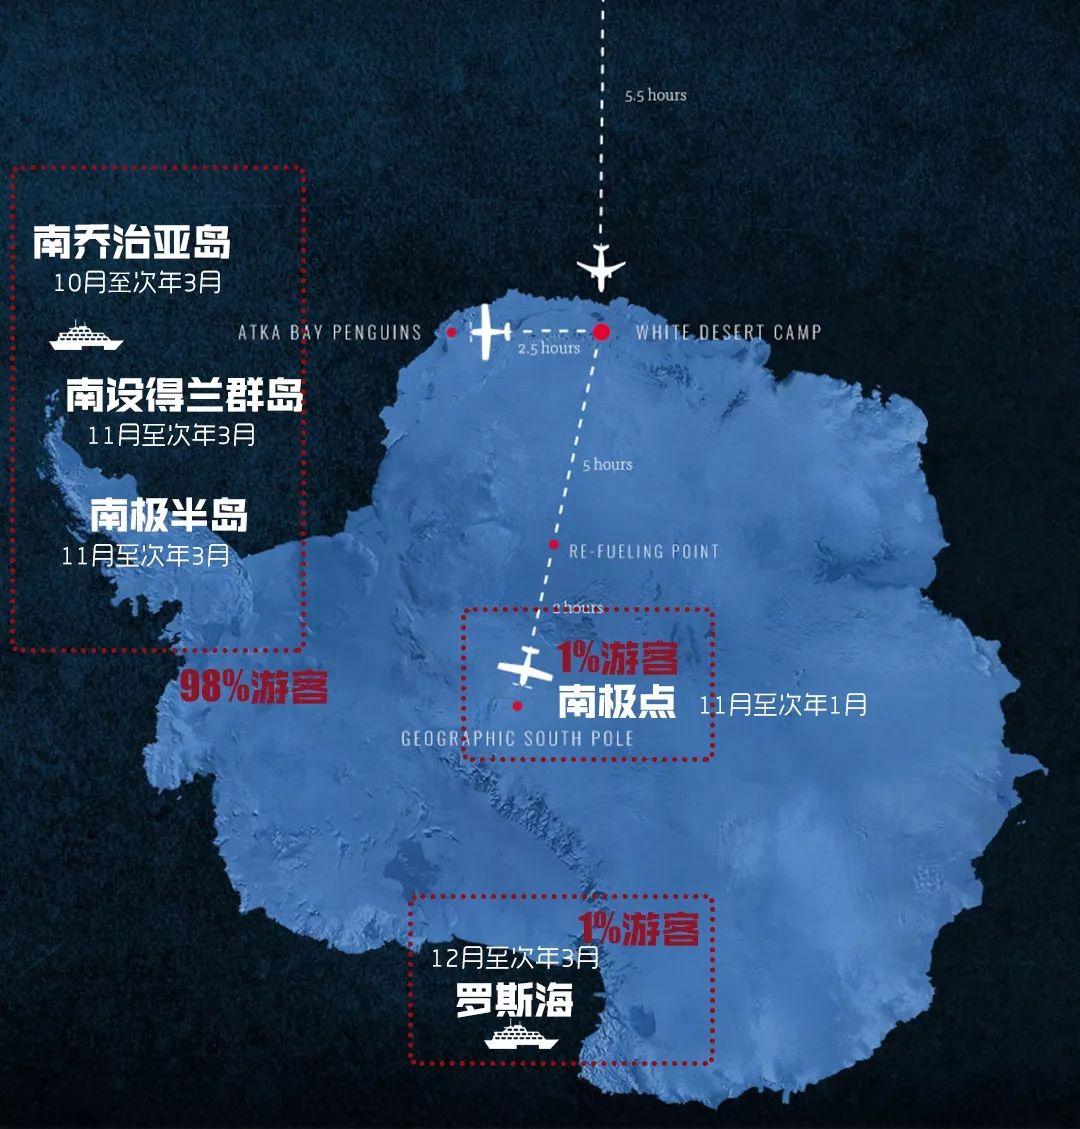 南极旅游各条线路的人数选择